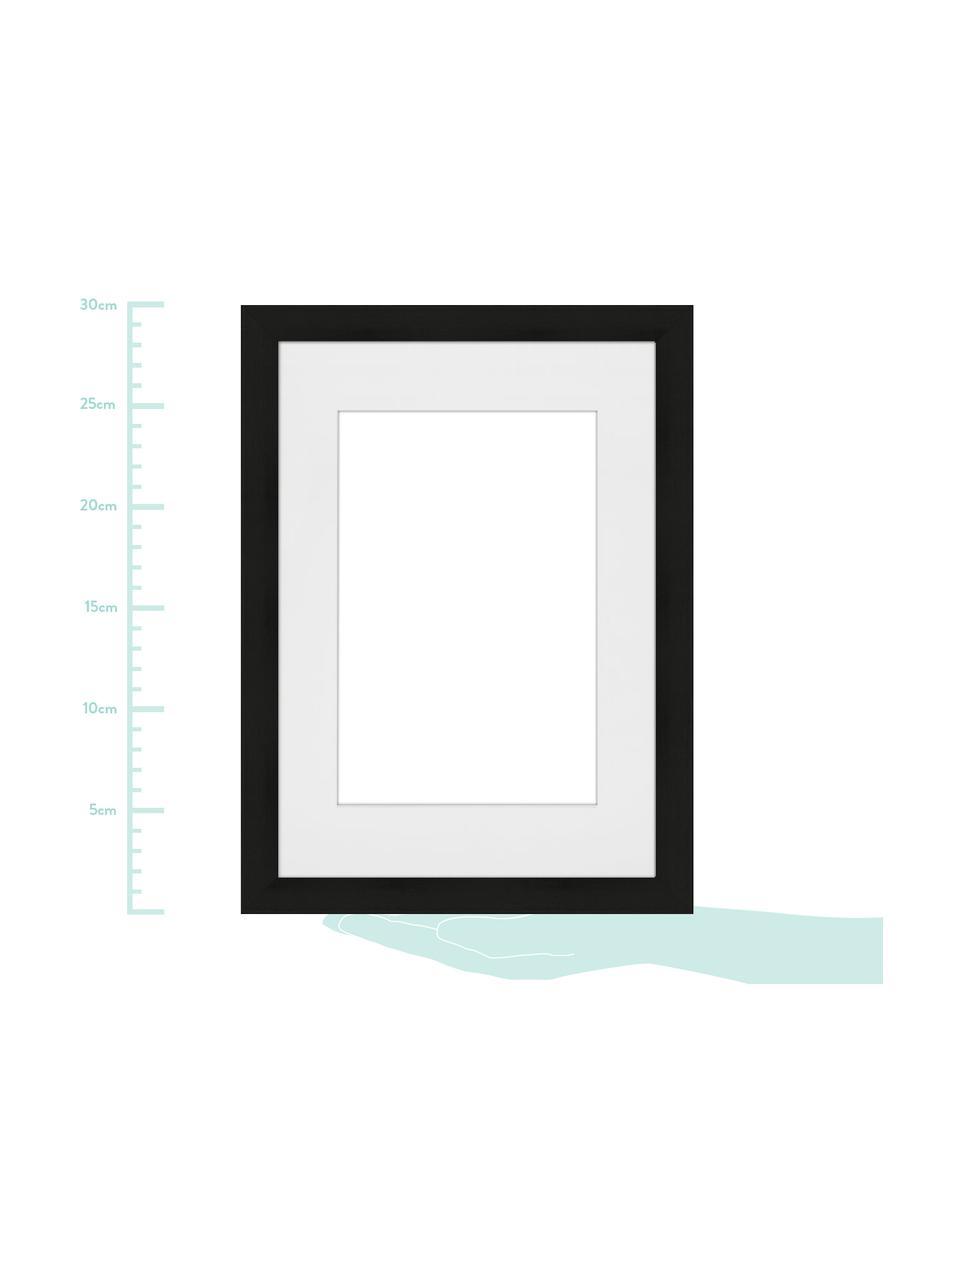 Ramka na zdjęcia Apollo, Czarny, 21 x 30 cm